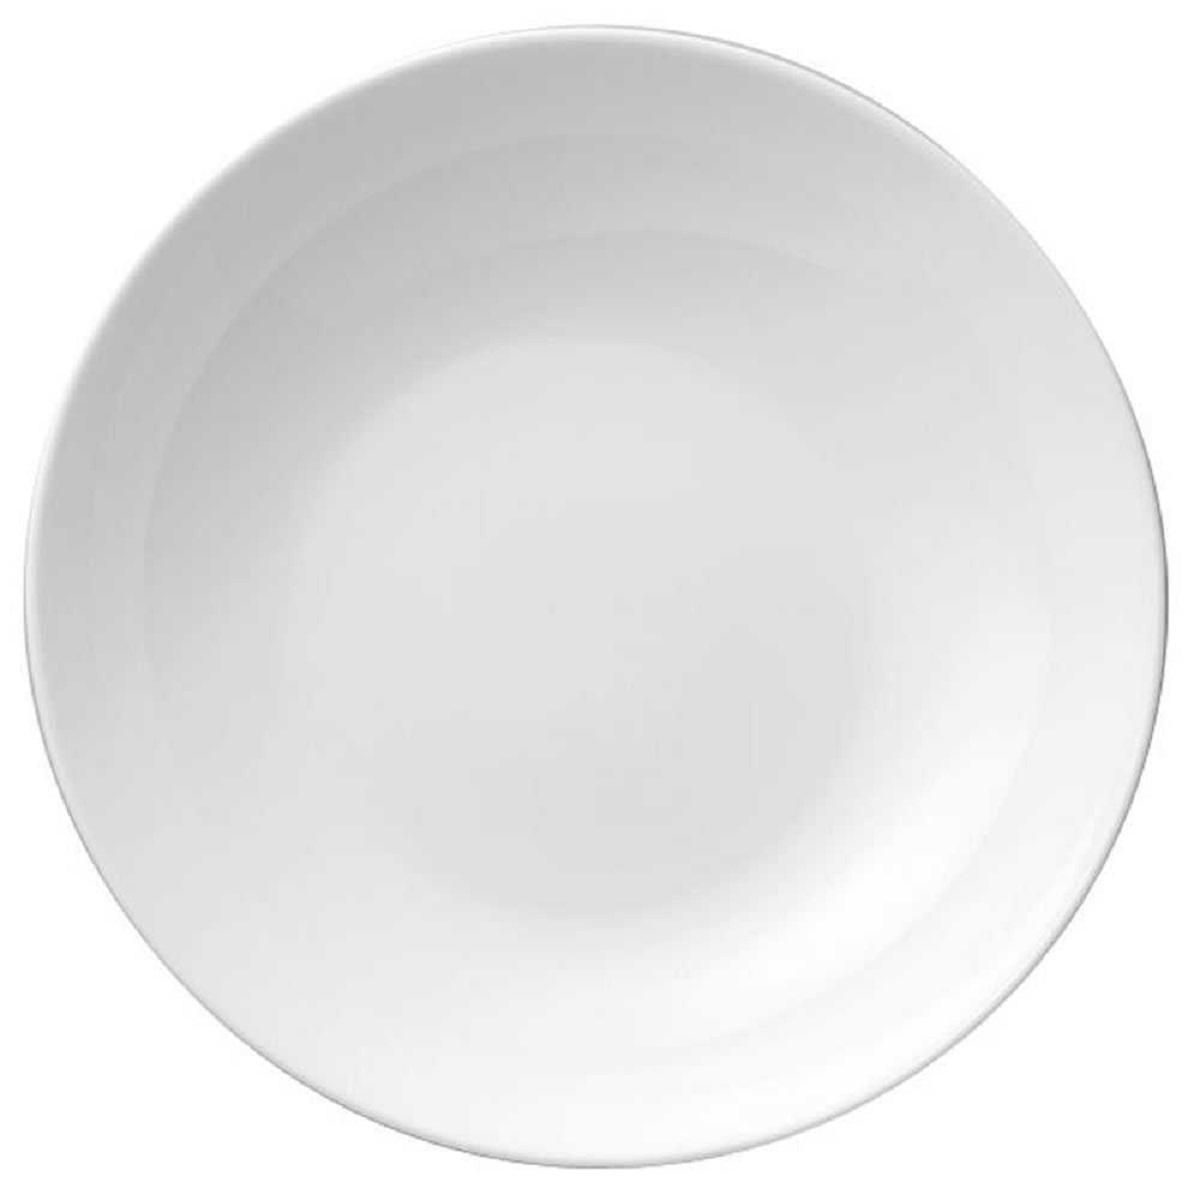 Онлайн каталог PROMENU: Тарелка глубокая фарфоровая Rosenthal JADE, диаметр 19 см, белый  61040-800001-10319